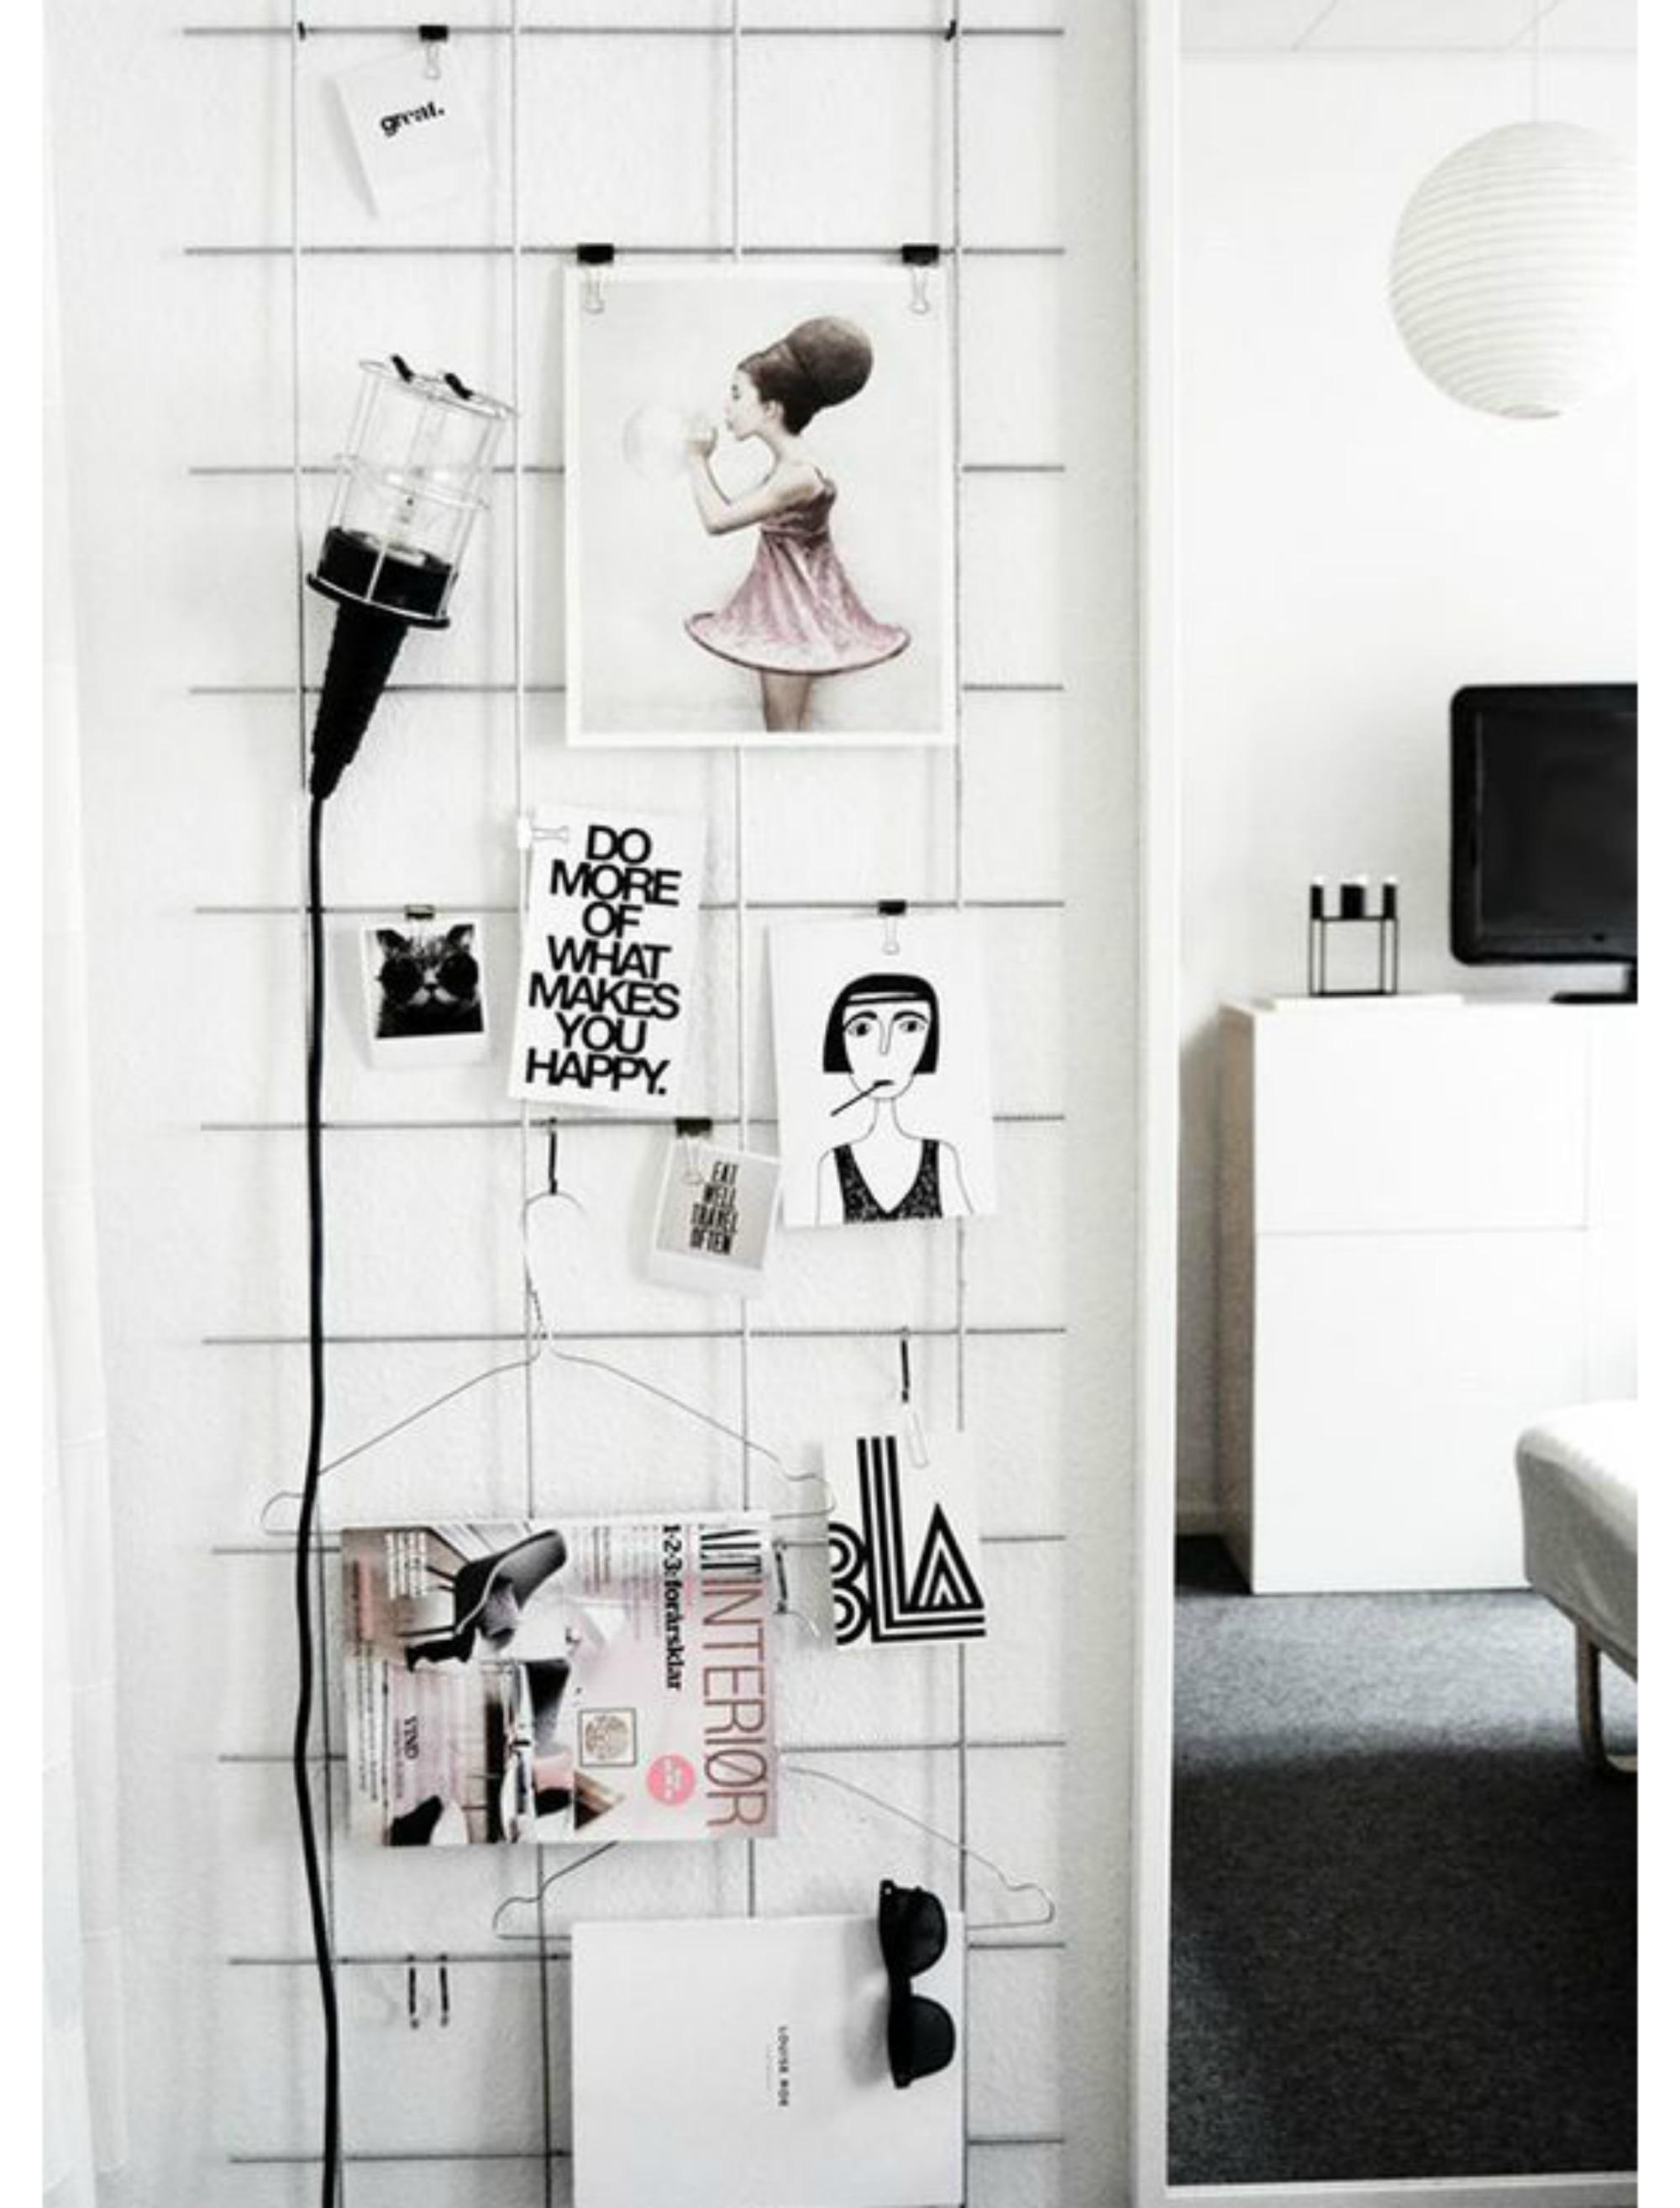 Αυτή η μεταλλική σχάρα είναι πολύ βολική για να κρεμάτε διάφορα αντικείμενα στο δωμάτιό σας.